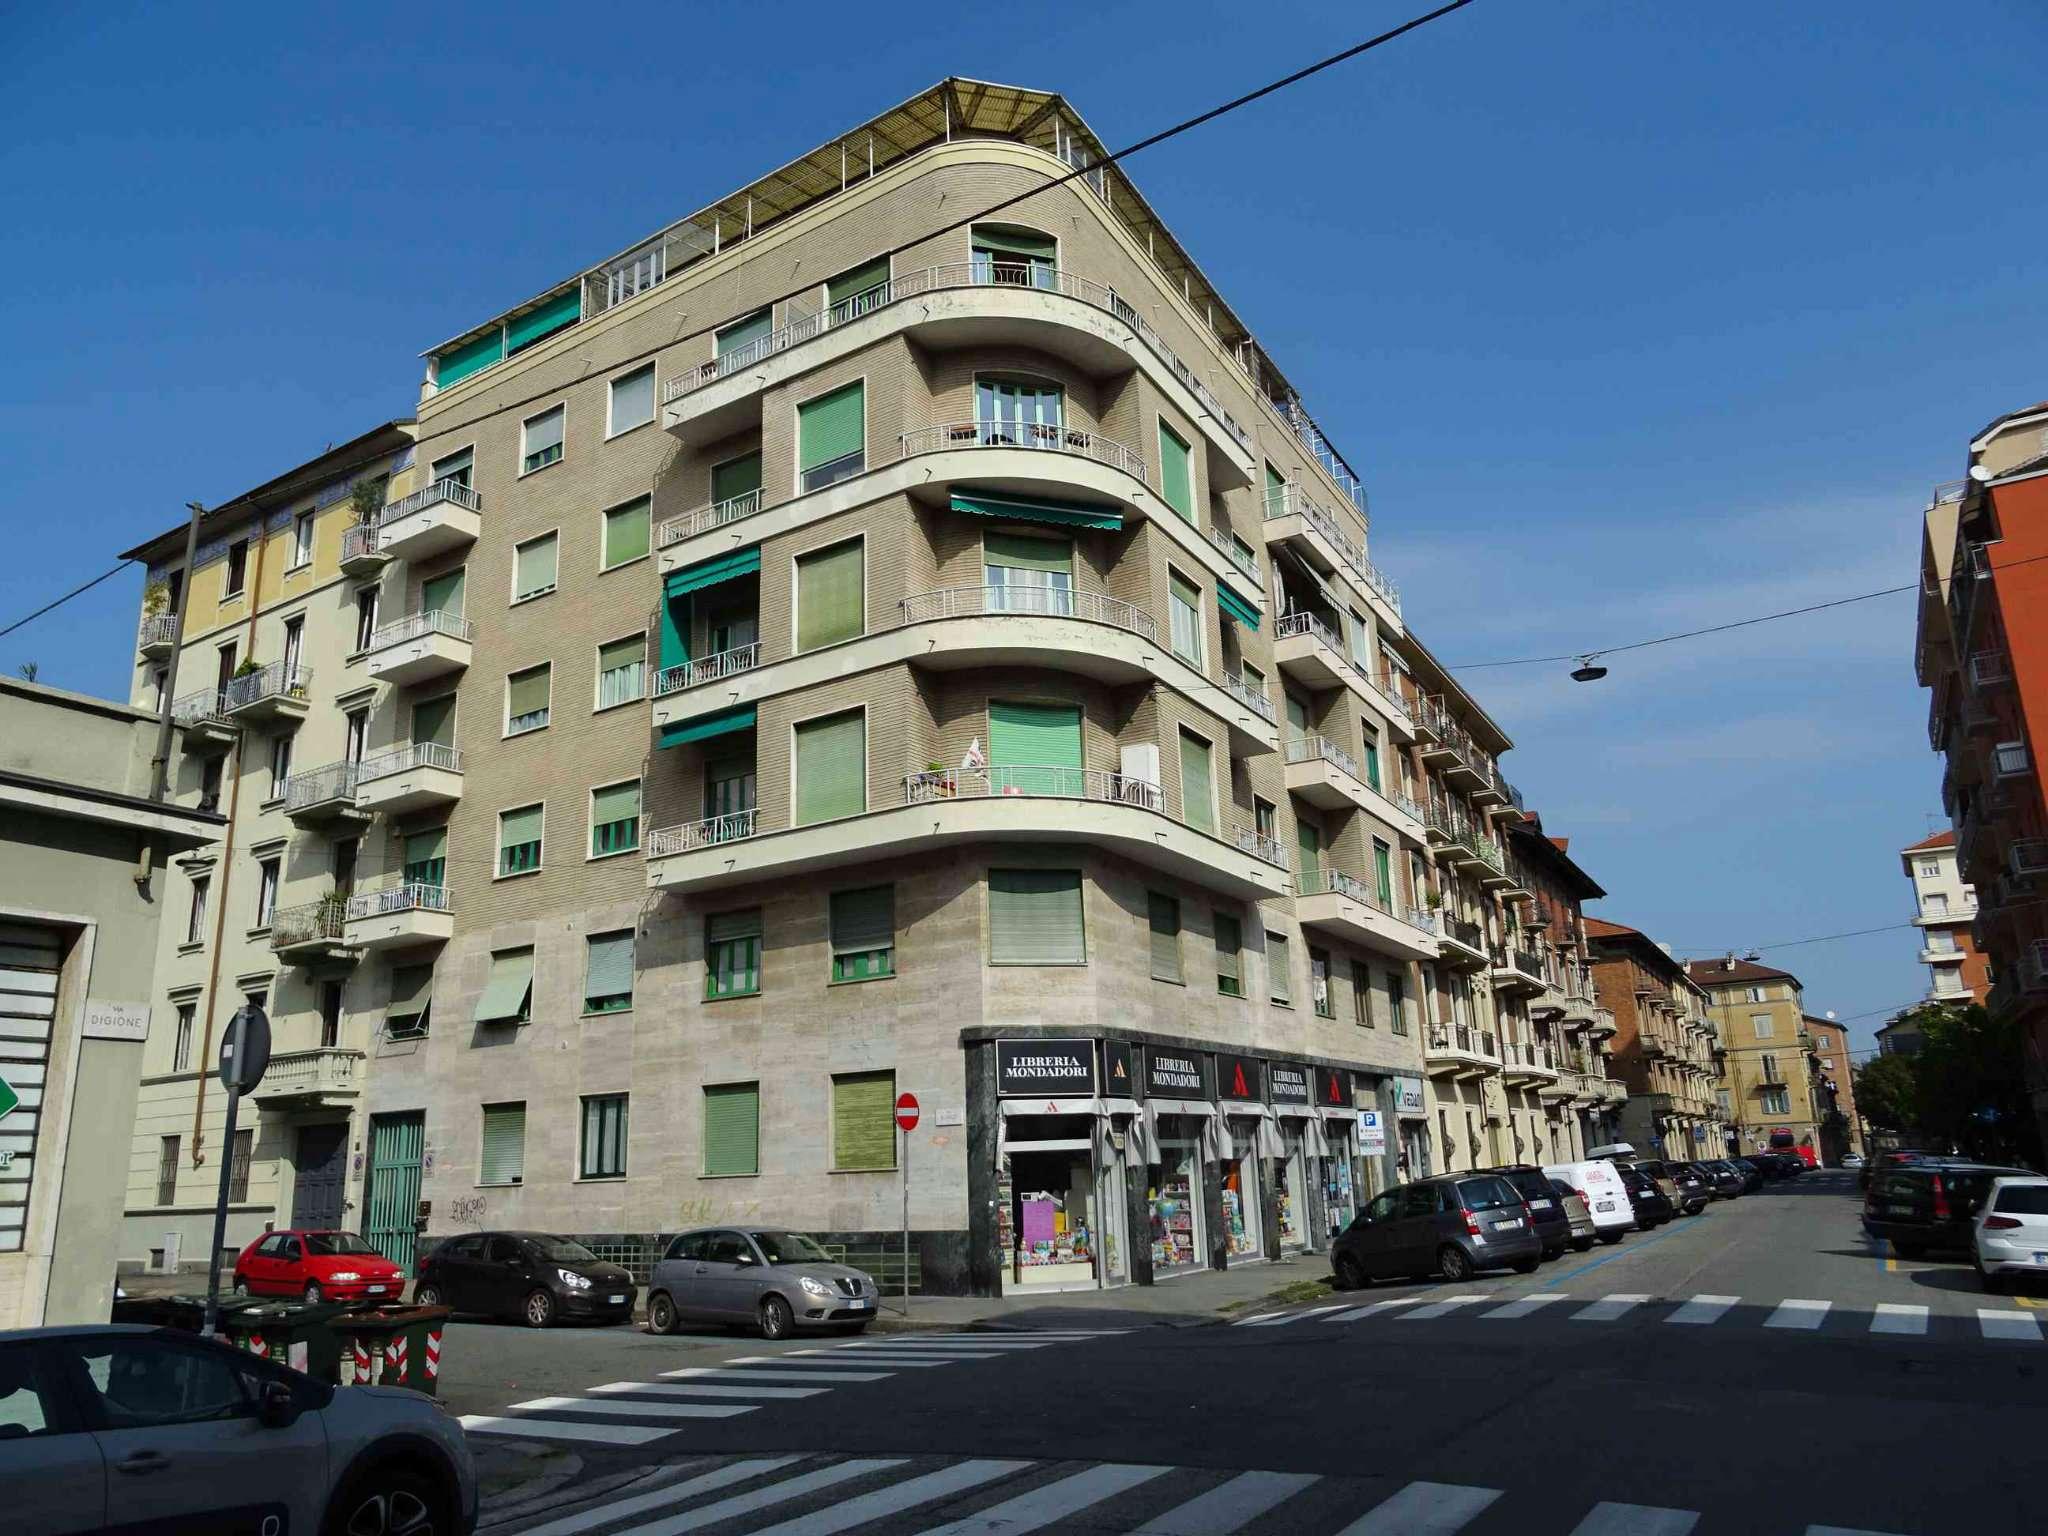 Appartamento in vendita Zona Cit Turin, San Donato, Campidoglio - via Bianzè 30 Torino